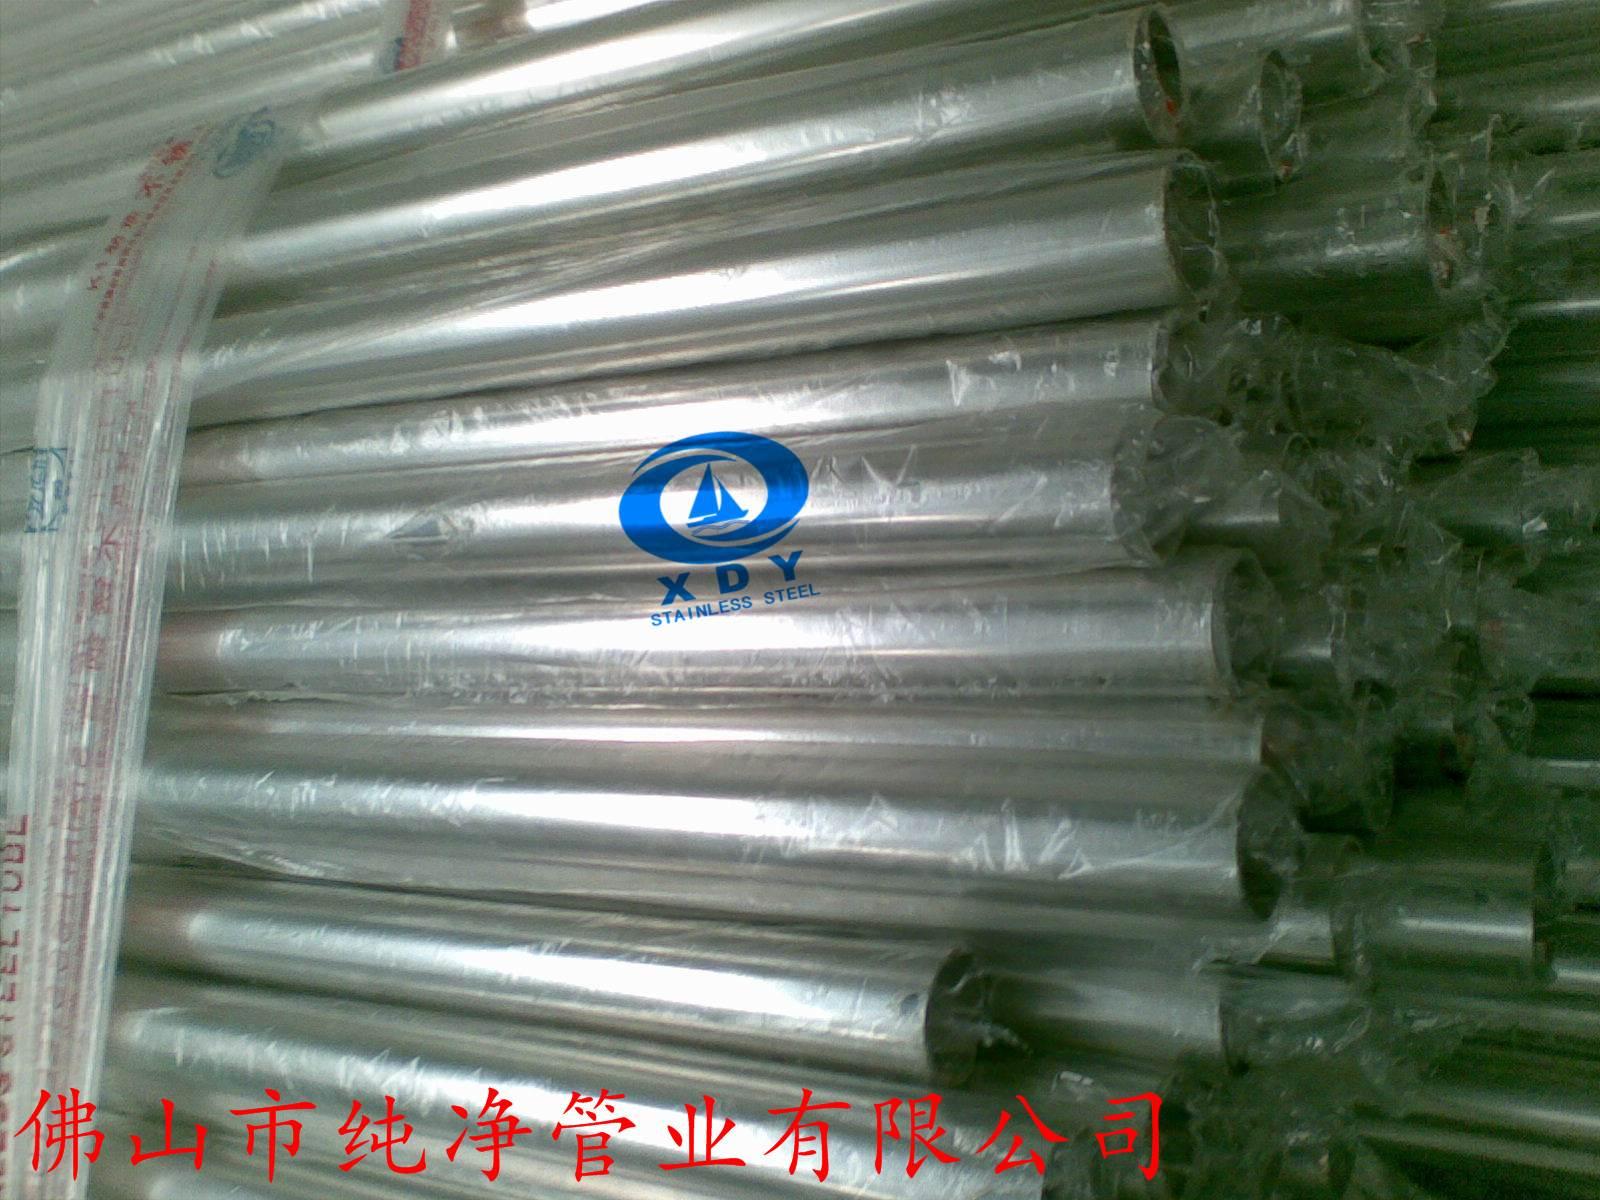 浙江宁波供应 食品级不锈钢给水管 绿色环保